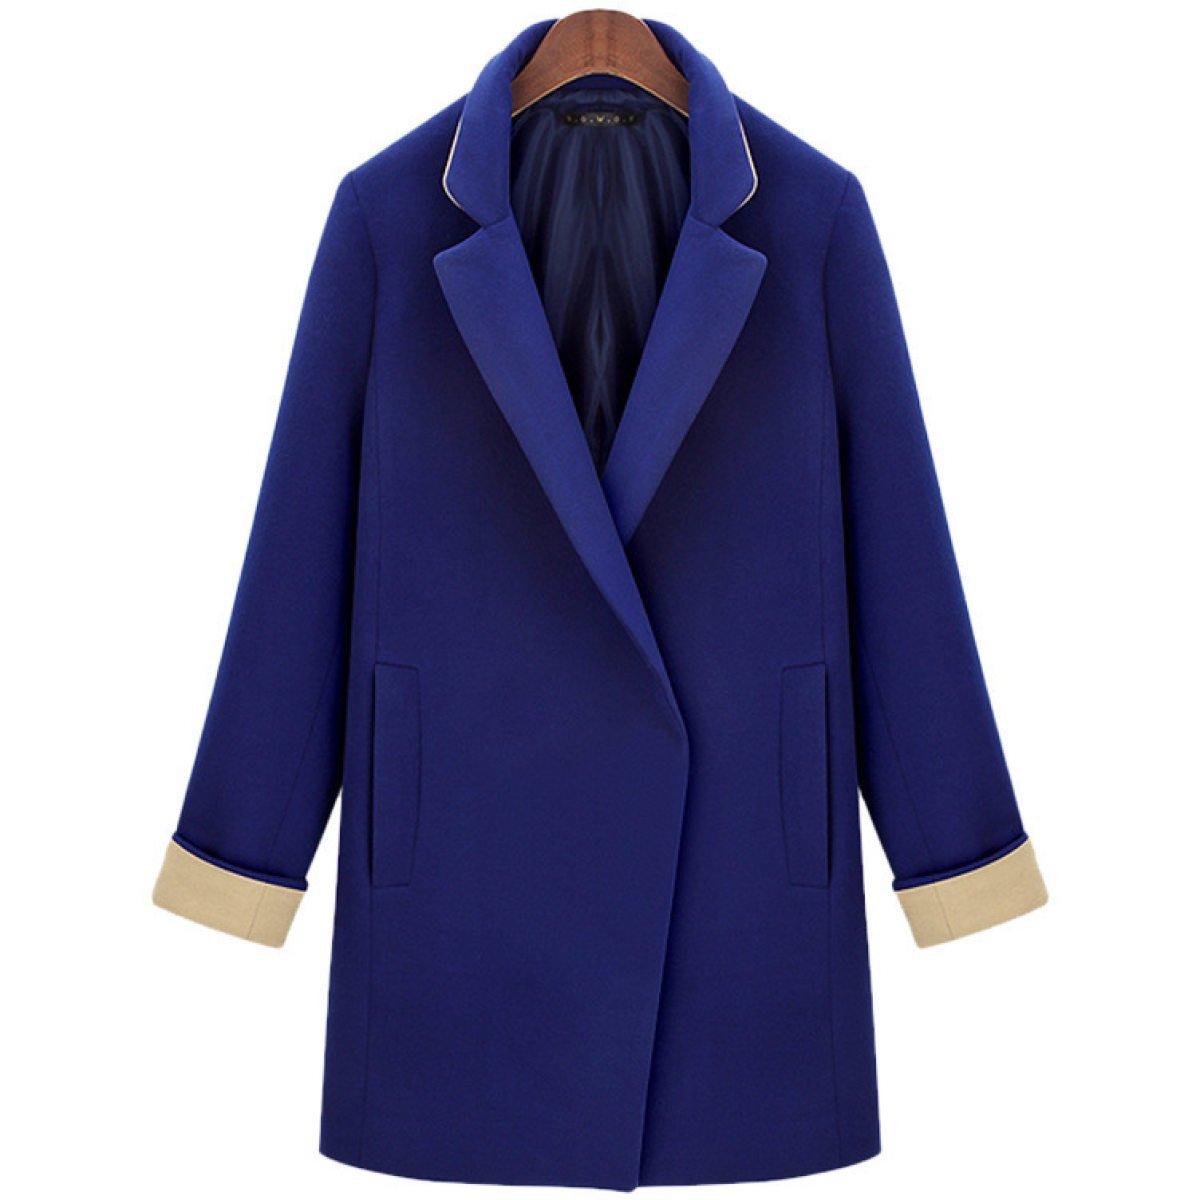 LQABW Chaqueta De Mujer De Otoño E Invierno New Woolen Coat